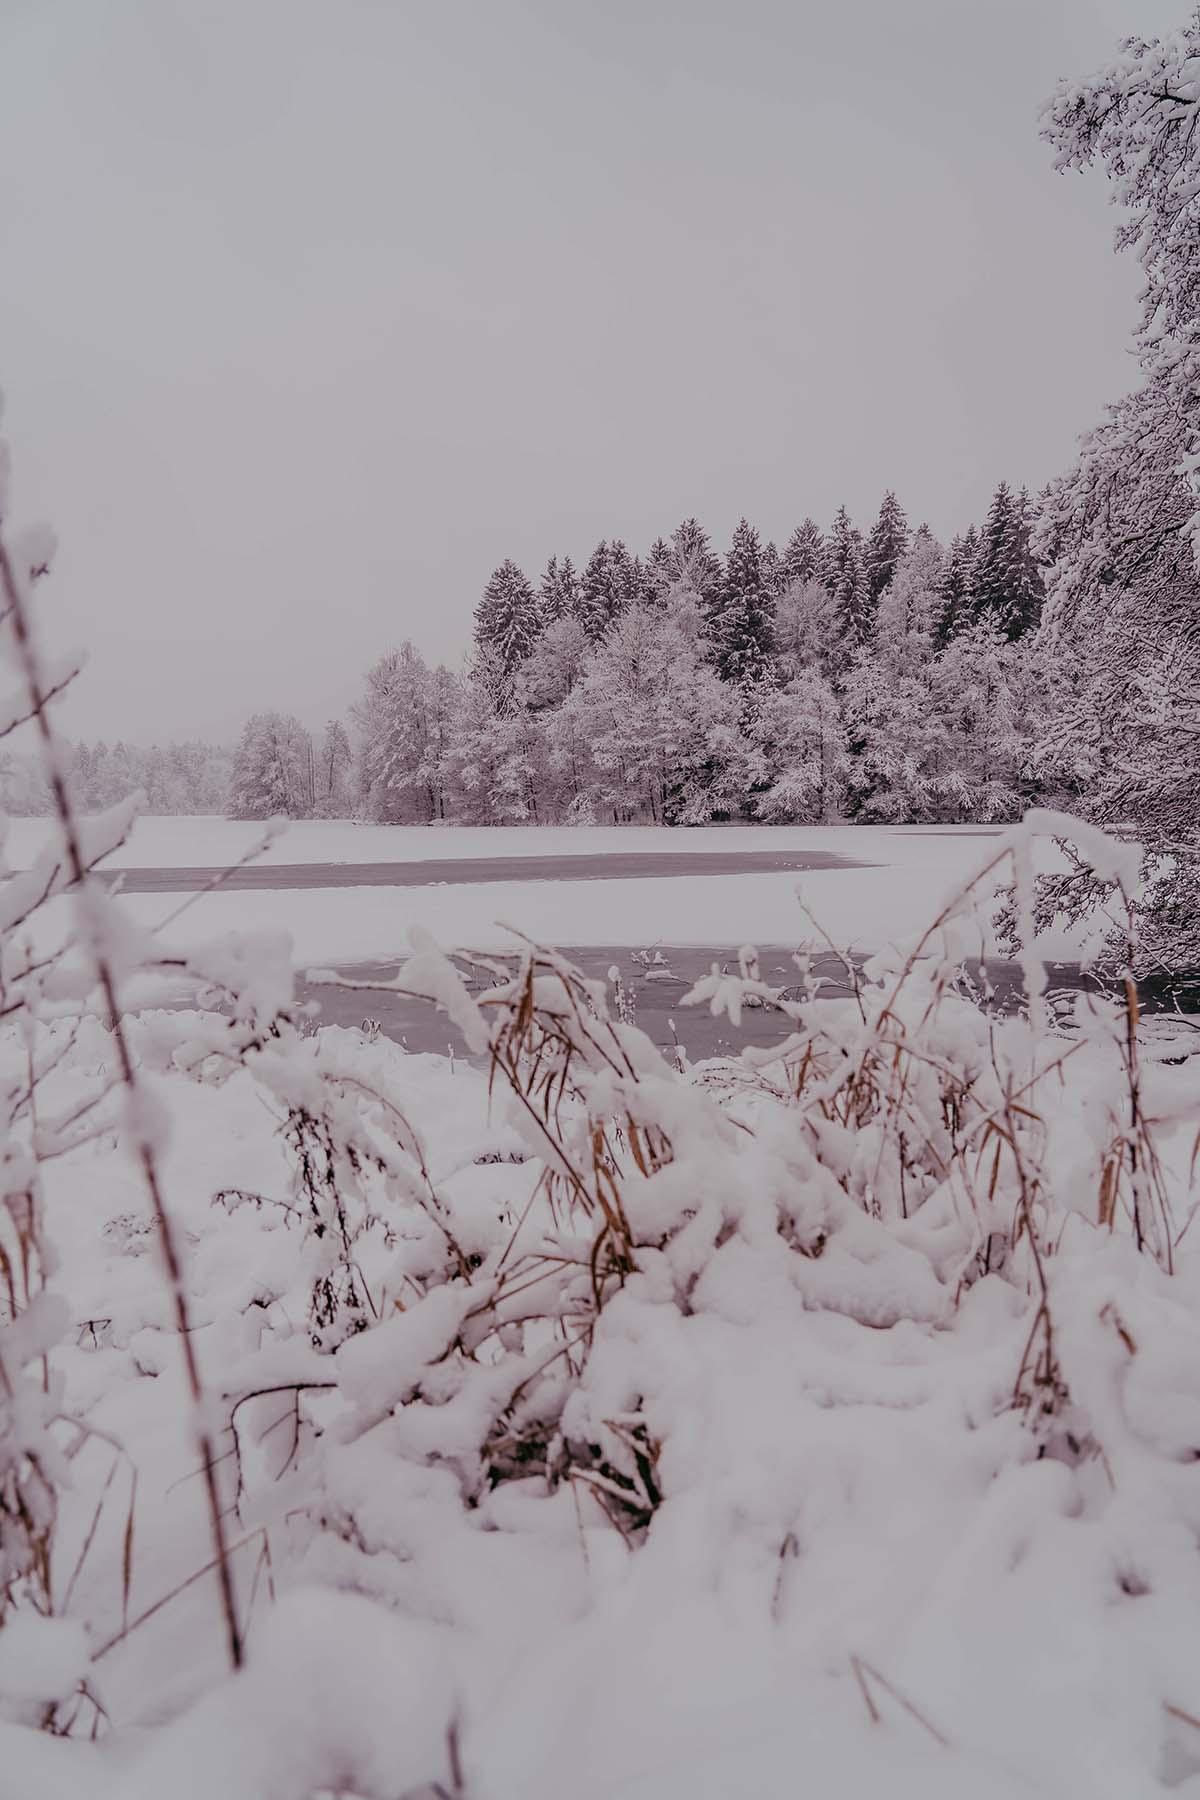 rannasee-winter-schnee-02